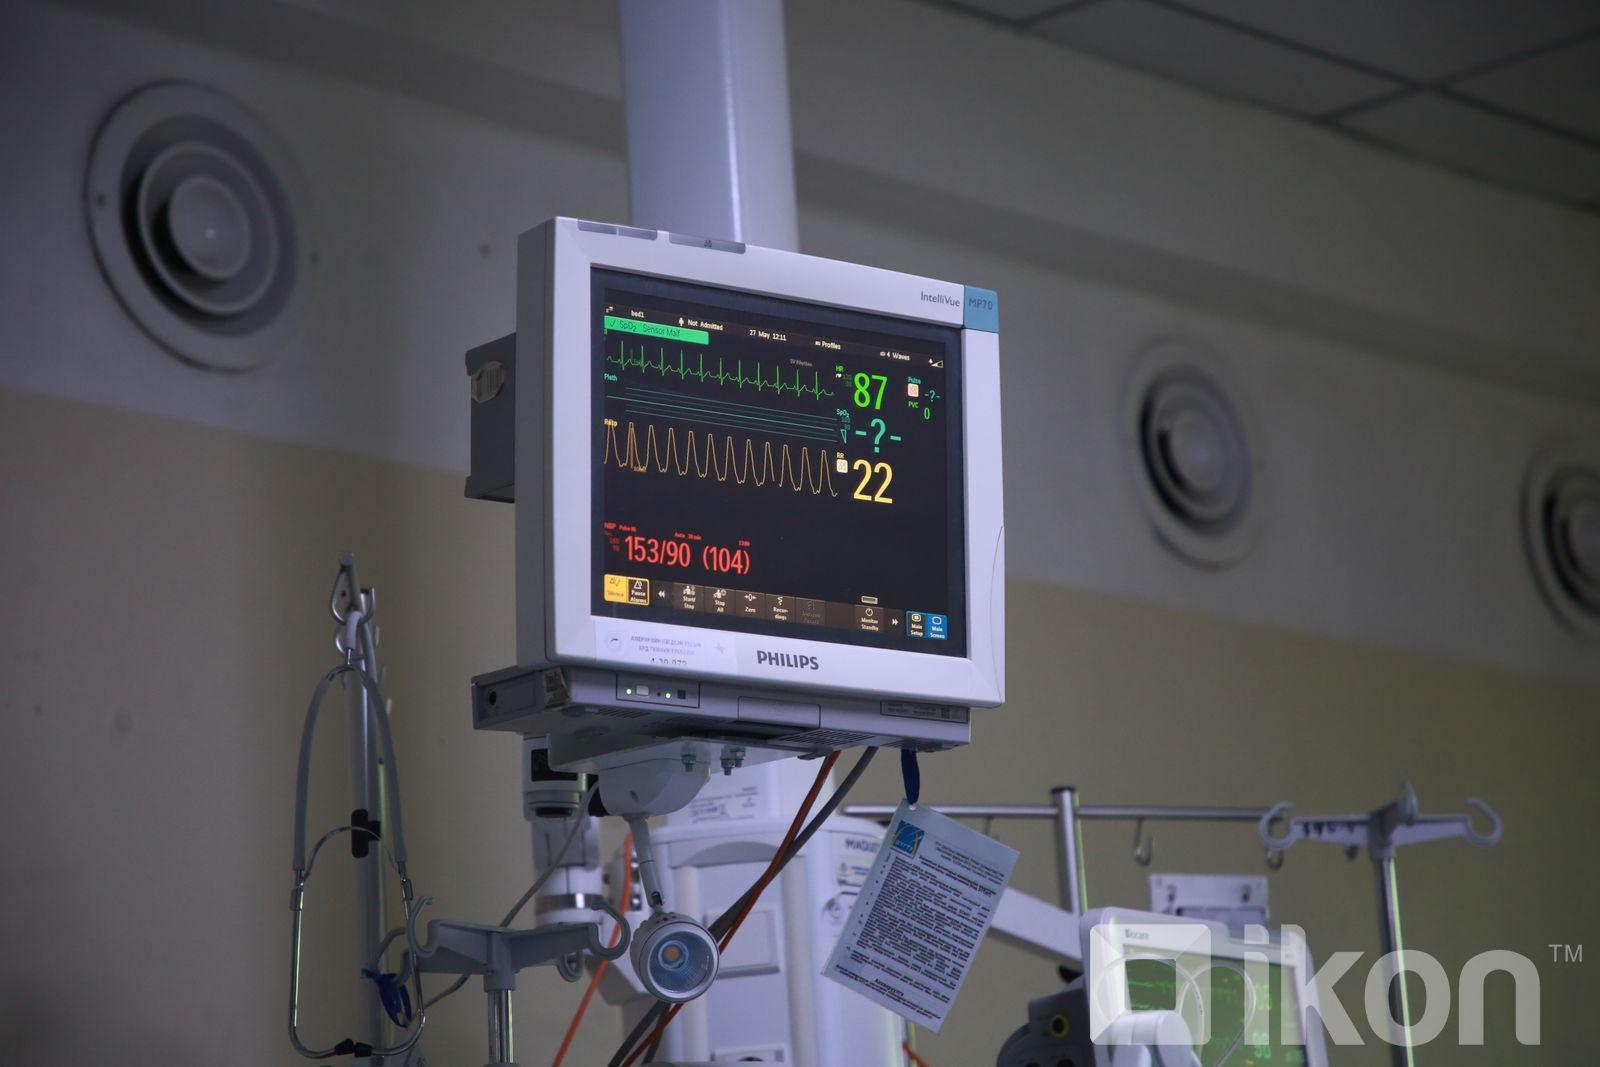 전국에서 2,771명의 신규 감염이 확인되었고 15명이 사망하여.jpg